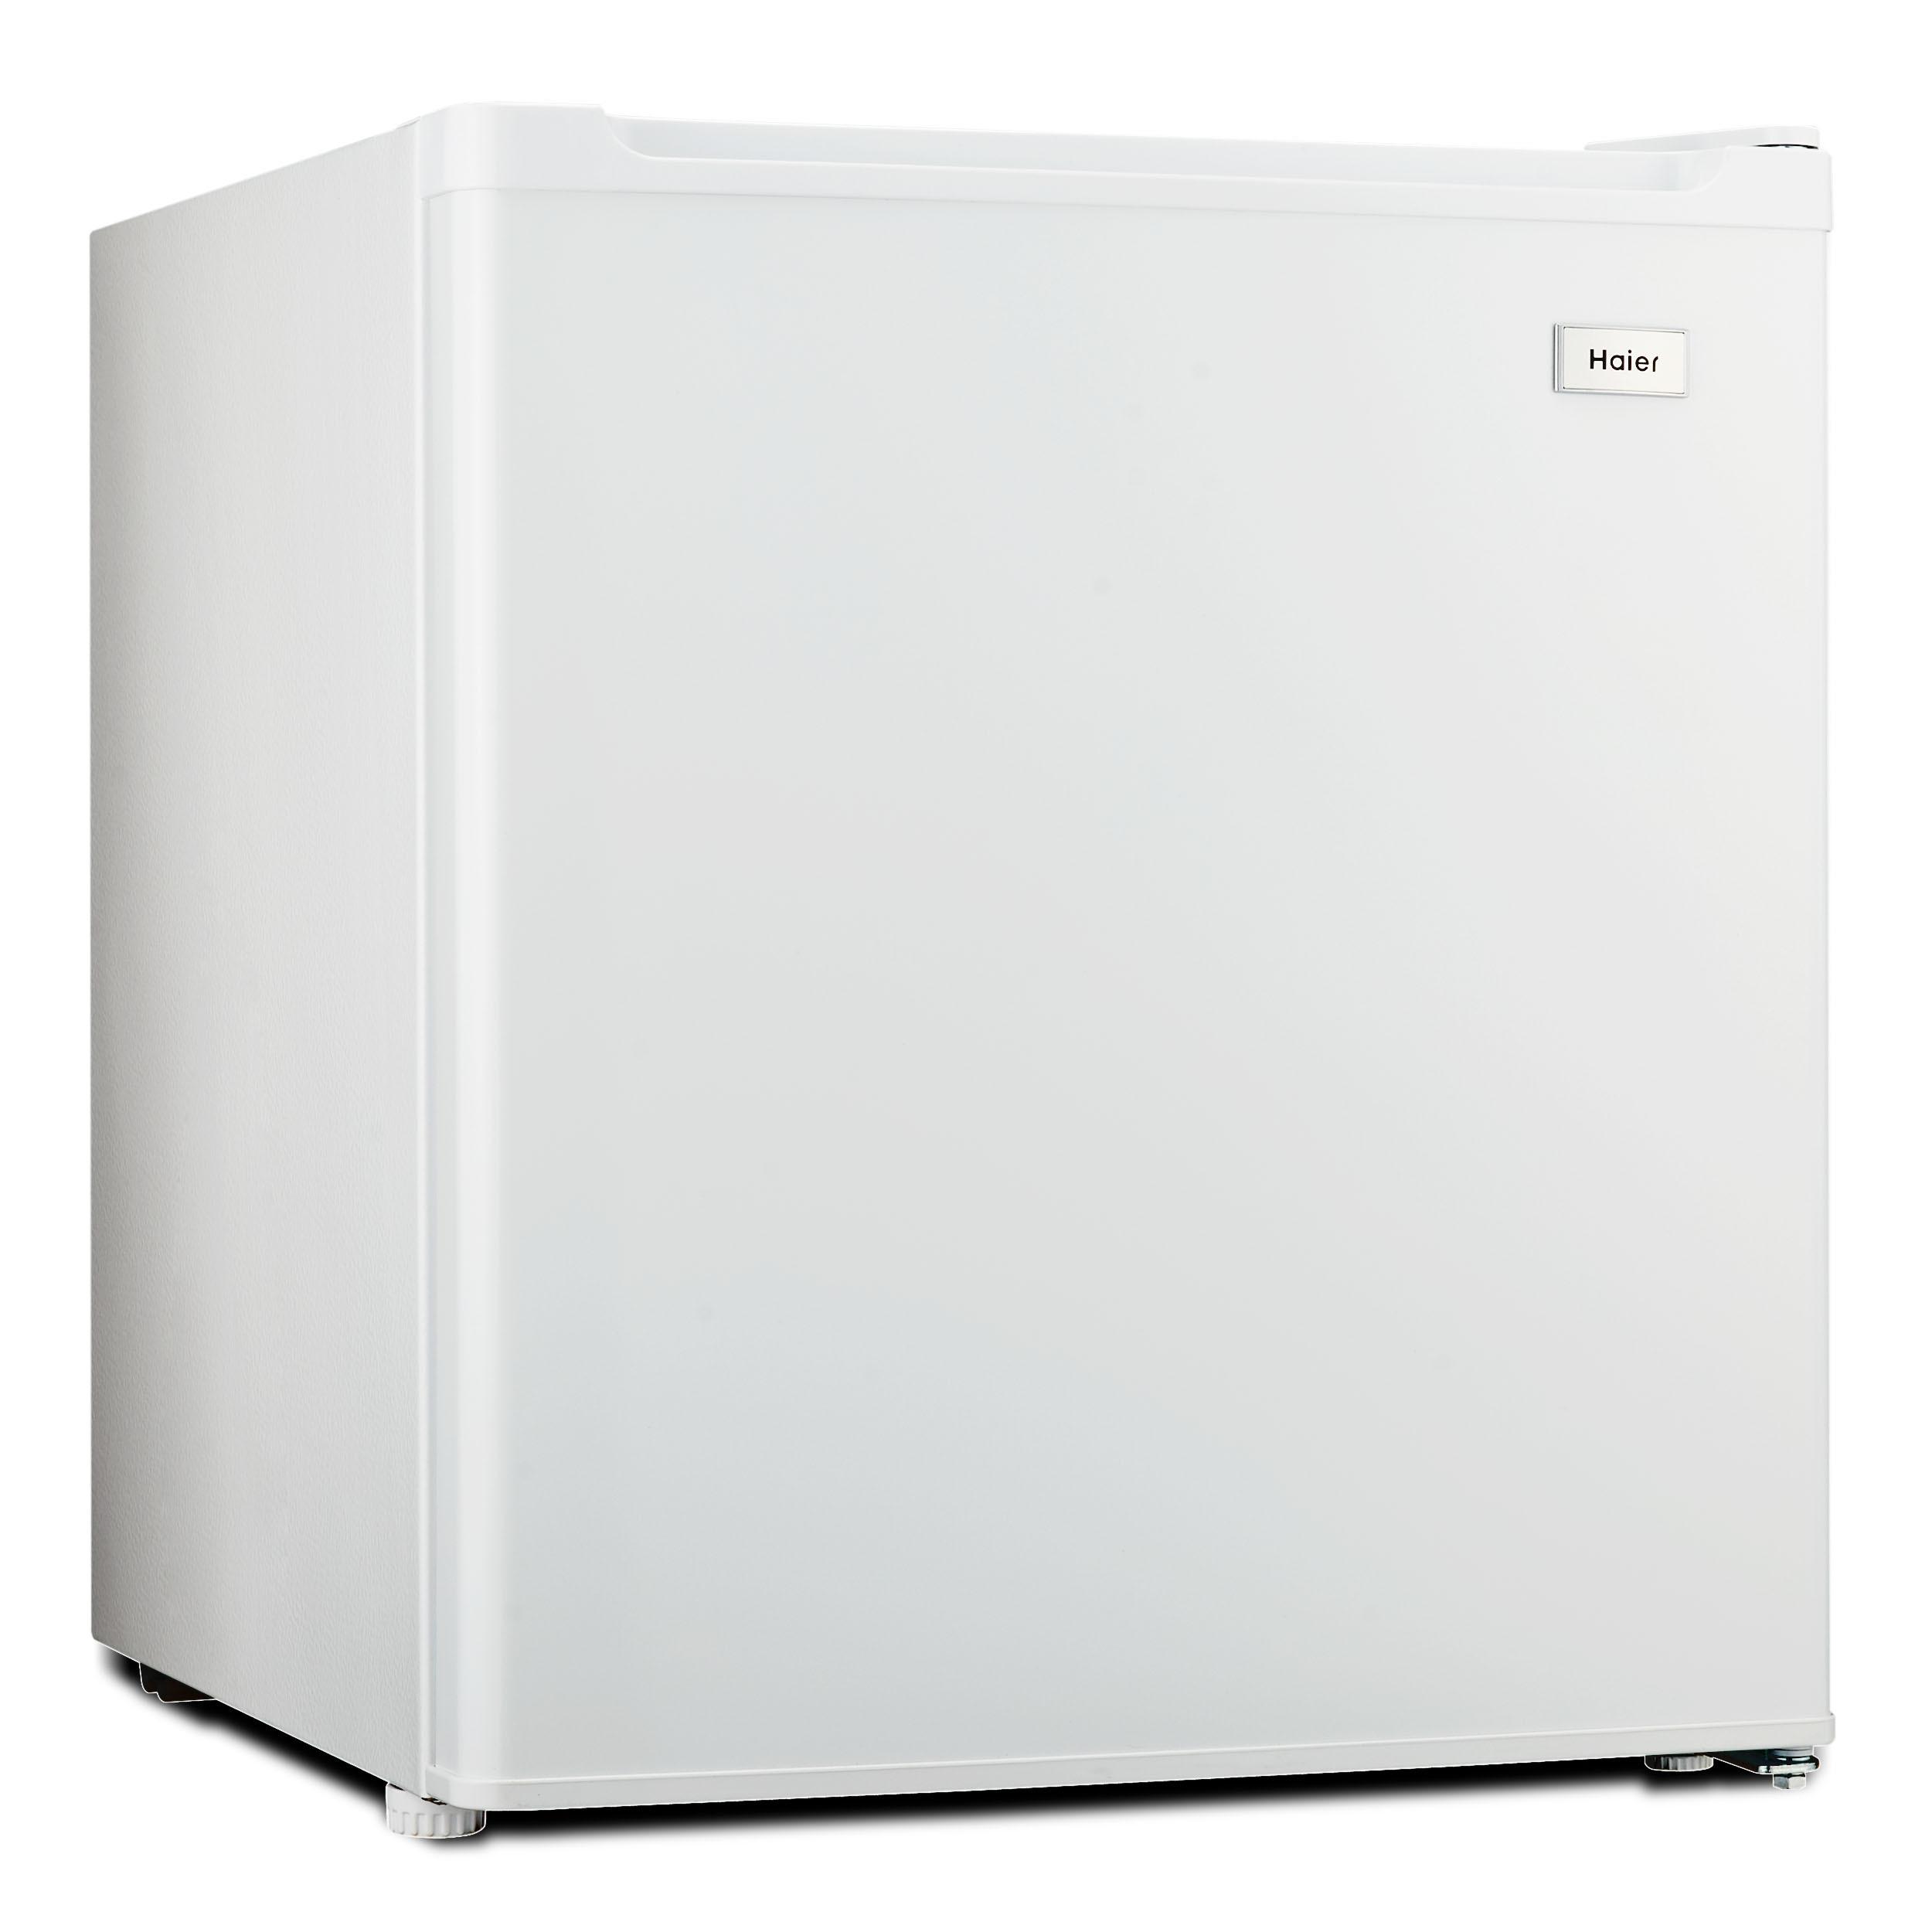 하이얼 소형미니냉장고 46L 자가설치, HRT48MDW(화이트)